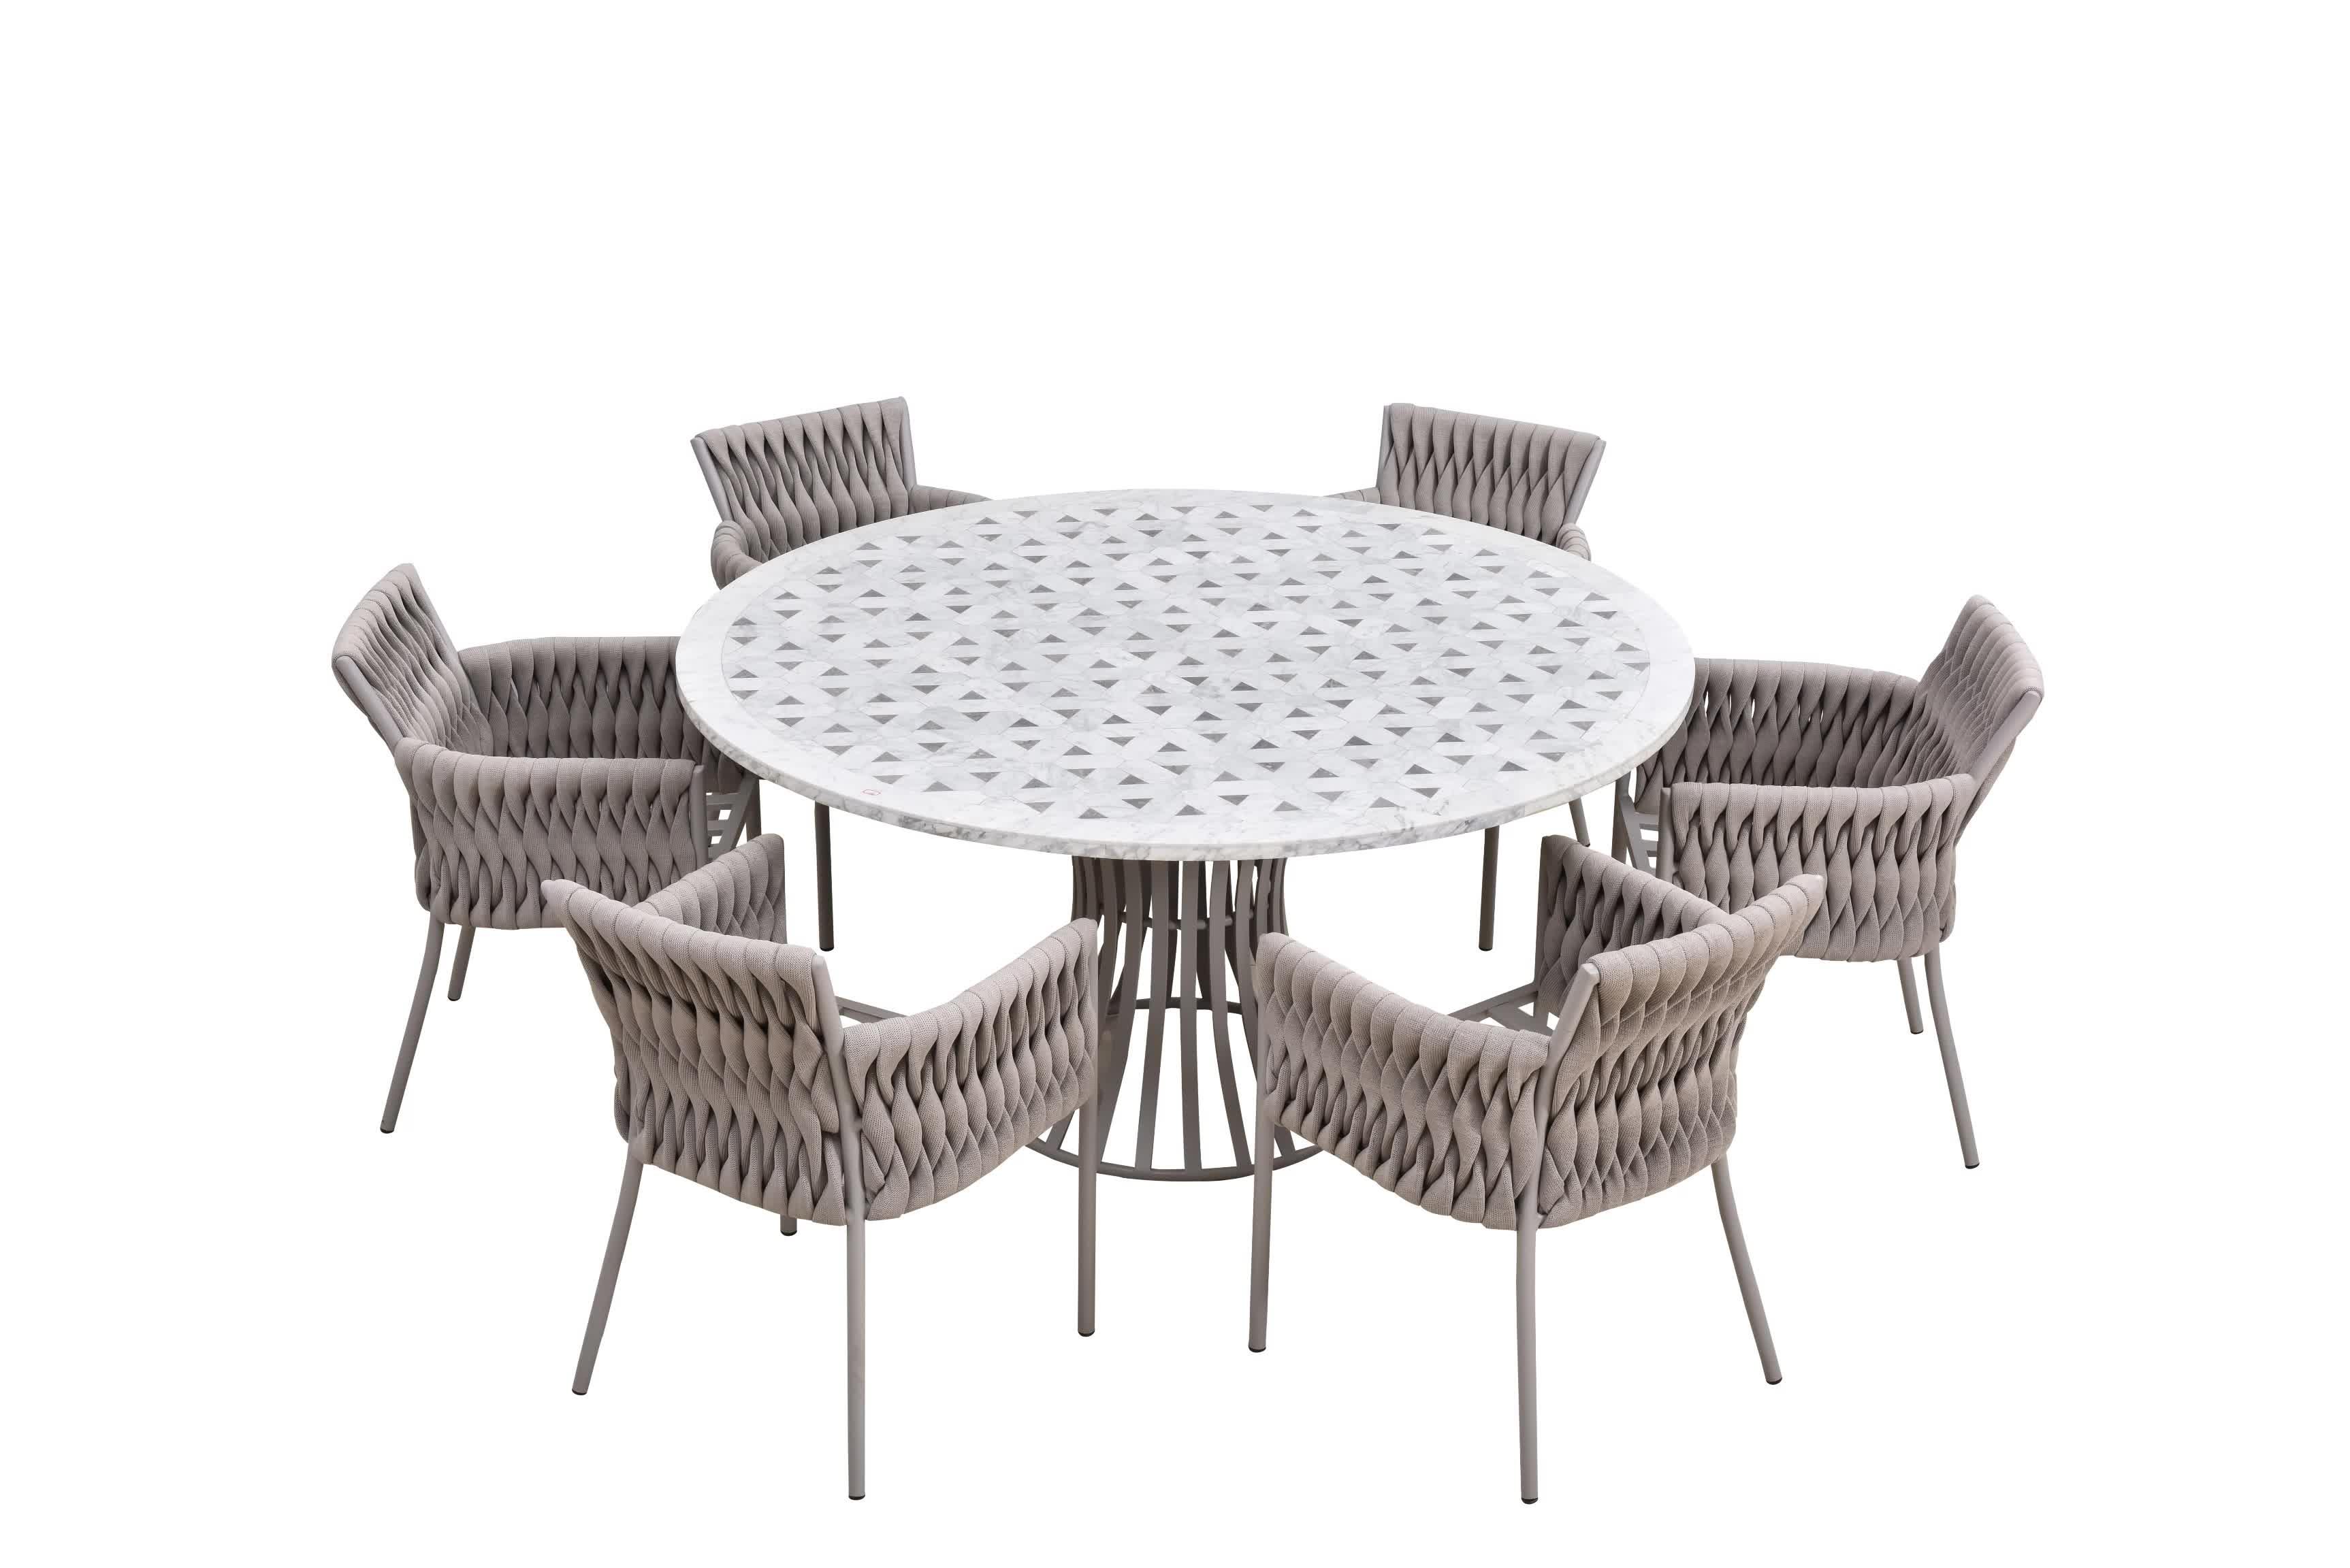 Muestra gratis de mimbre al aire libre muebles de mármol mesa de consola silla hamaca cuerda con alta calidad